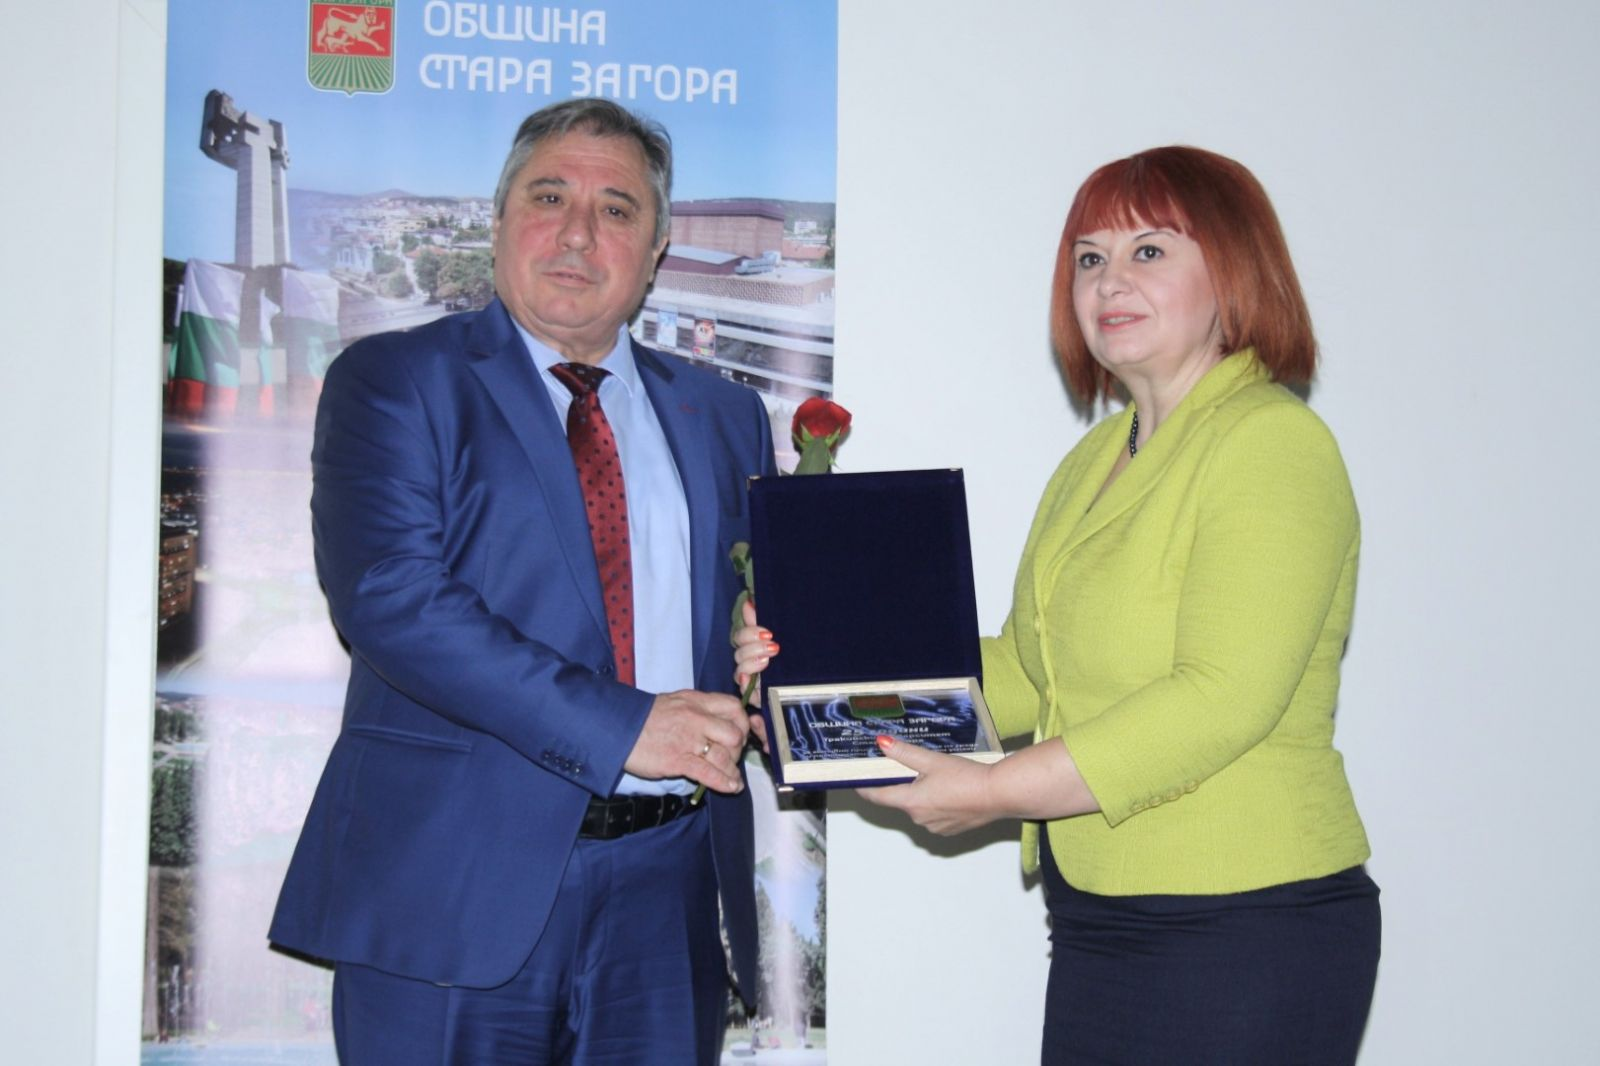 Областният управител Гергана Микова и зам. областните управители Петя Чакърова и Красимир Червилов взеха участие в тържествата по случай 24 май